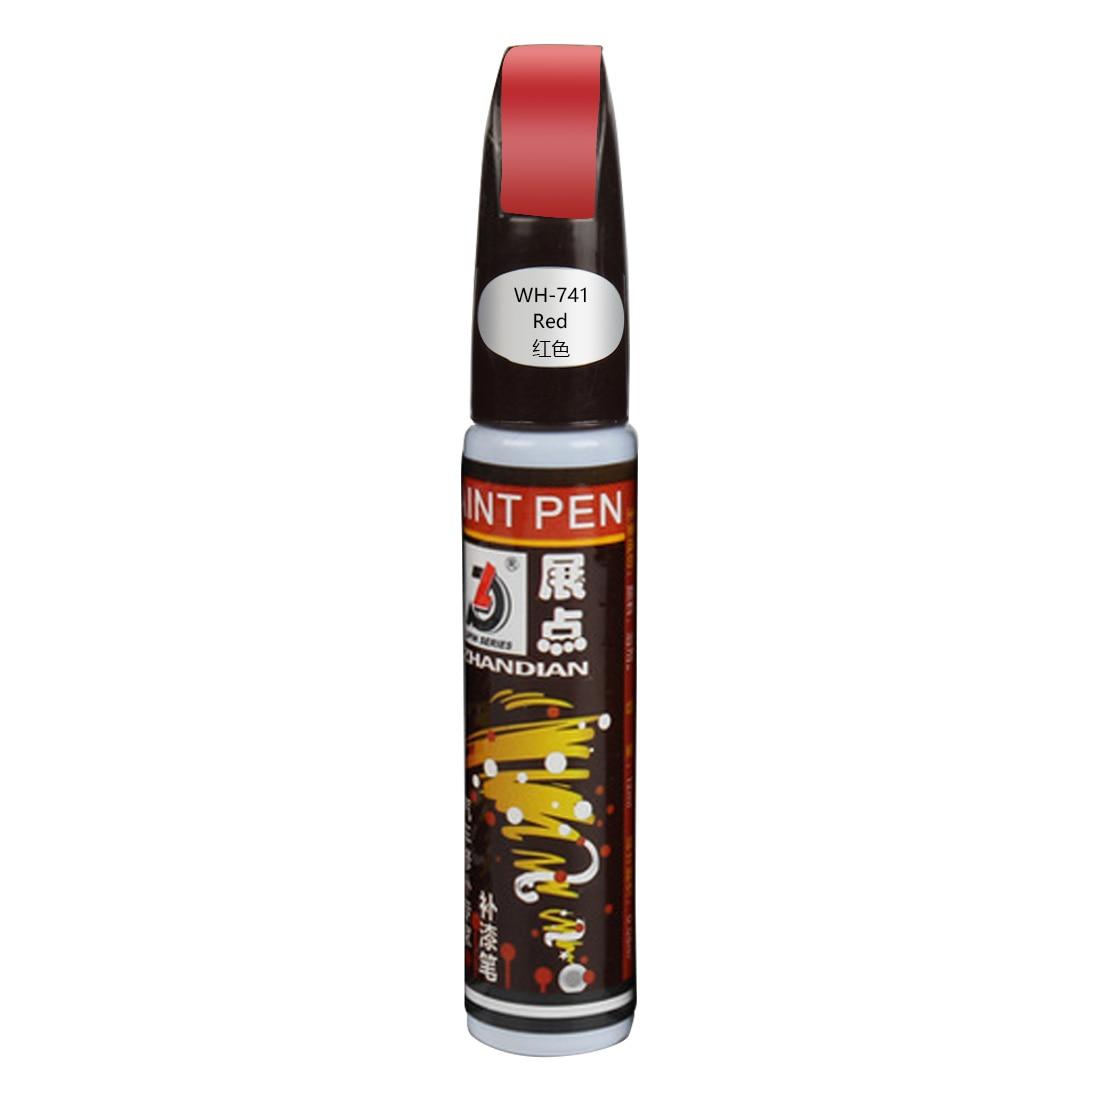 Новая Автомобильная сенсорная ручка, водостойкая удаляющая аппликатор, утилита, профессиональная автомобильная куртка, очищающая от царапин, для ремонта, окрашивающая ручка, сенсорная - Цвет: red